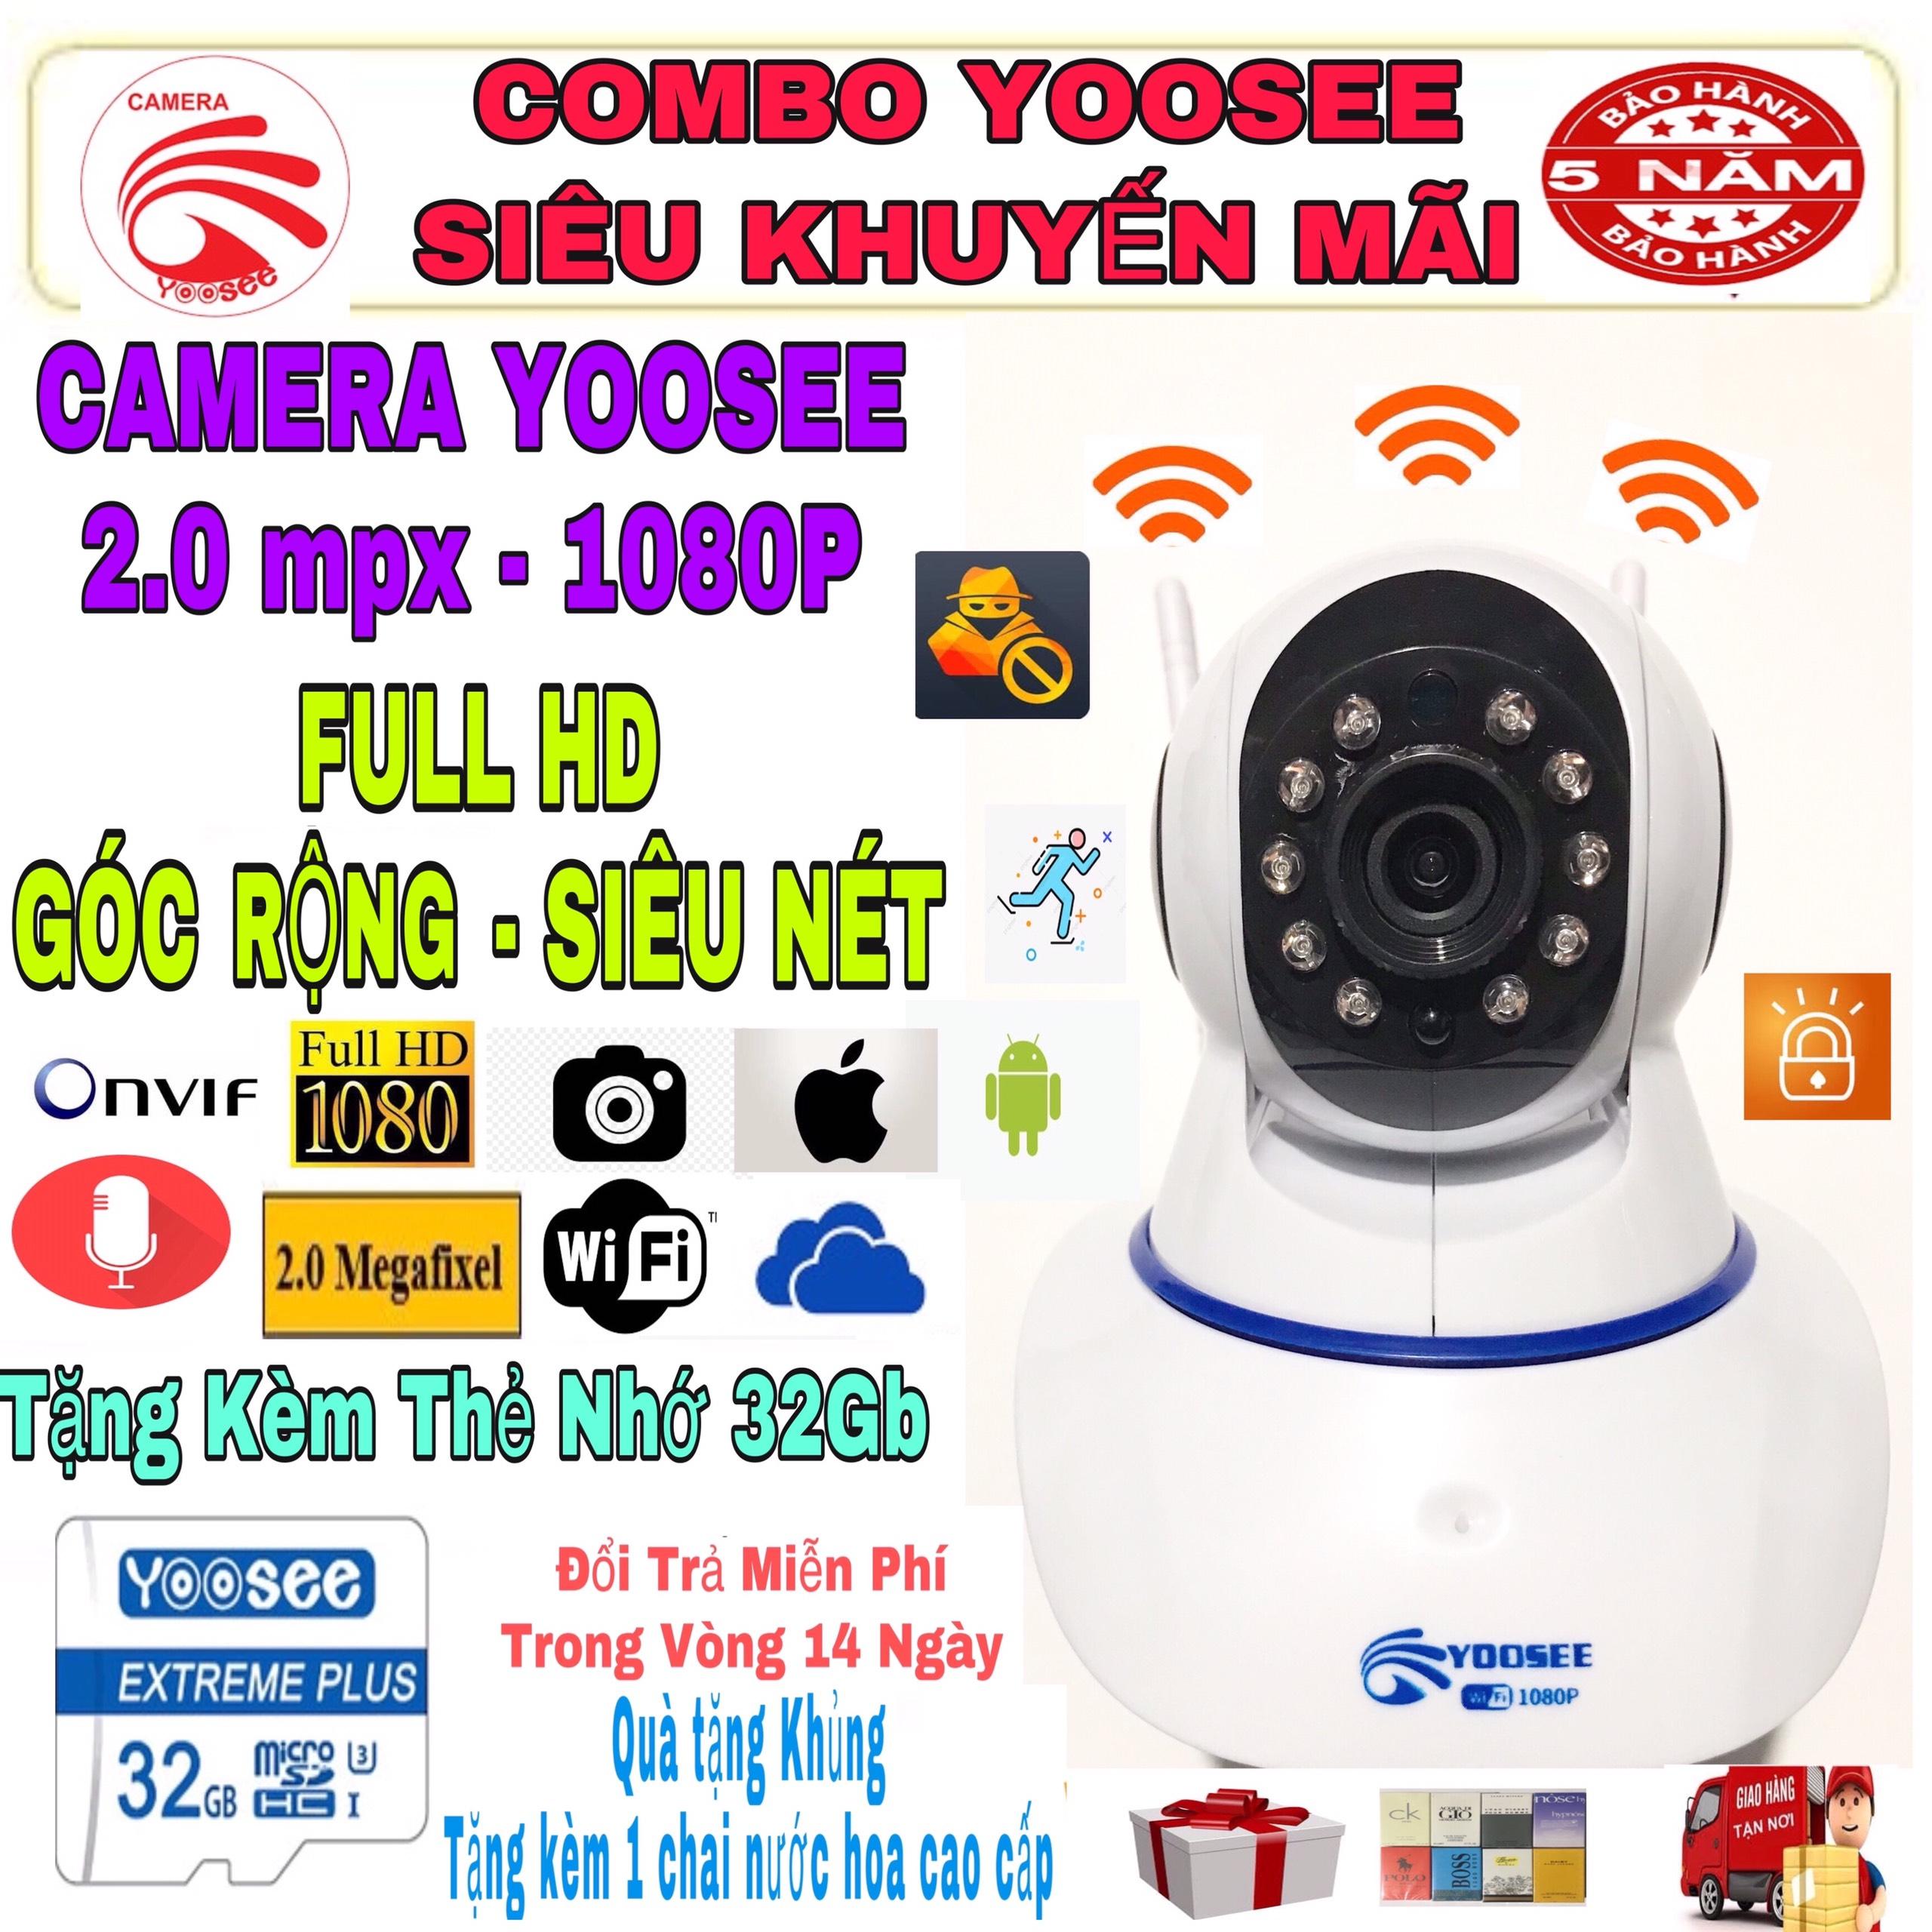 (KÈM Thẻ Nhớ SD YOOSEE 32 GB. BẢO HÀNH 5 Năm) Camera IP Wifi Yoosee 3 Râu xoay 360 độ, độ phân giải FULL HD 2.0MP 1920x1080p Không Dây, Camera trong nhà, ngoài trời, Camera hồng ngoại tích hợp ghi âm, lưu trữ dữ liệu.